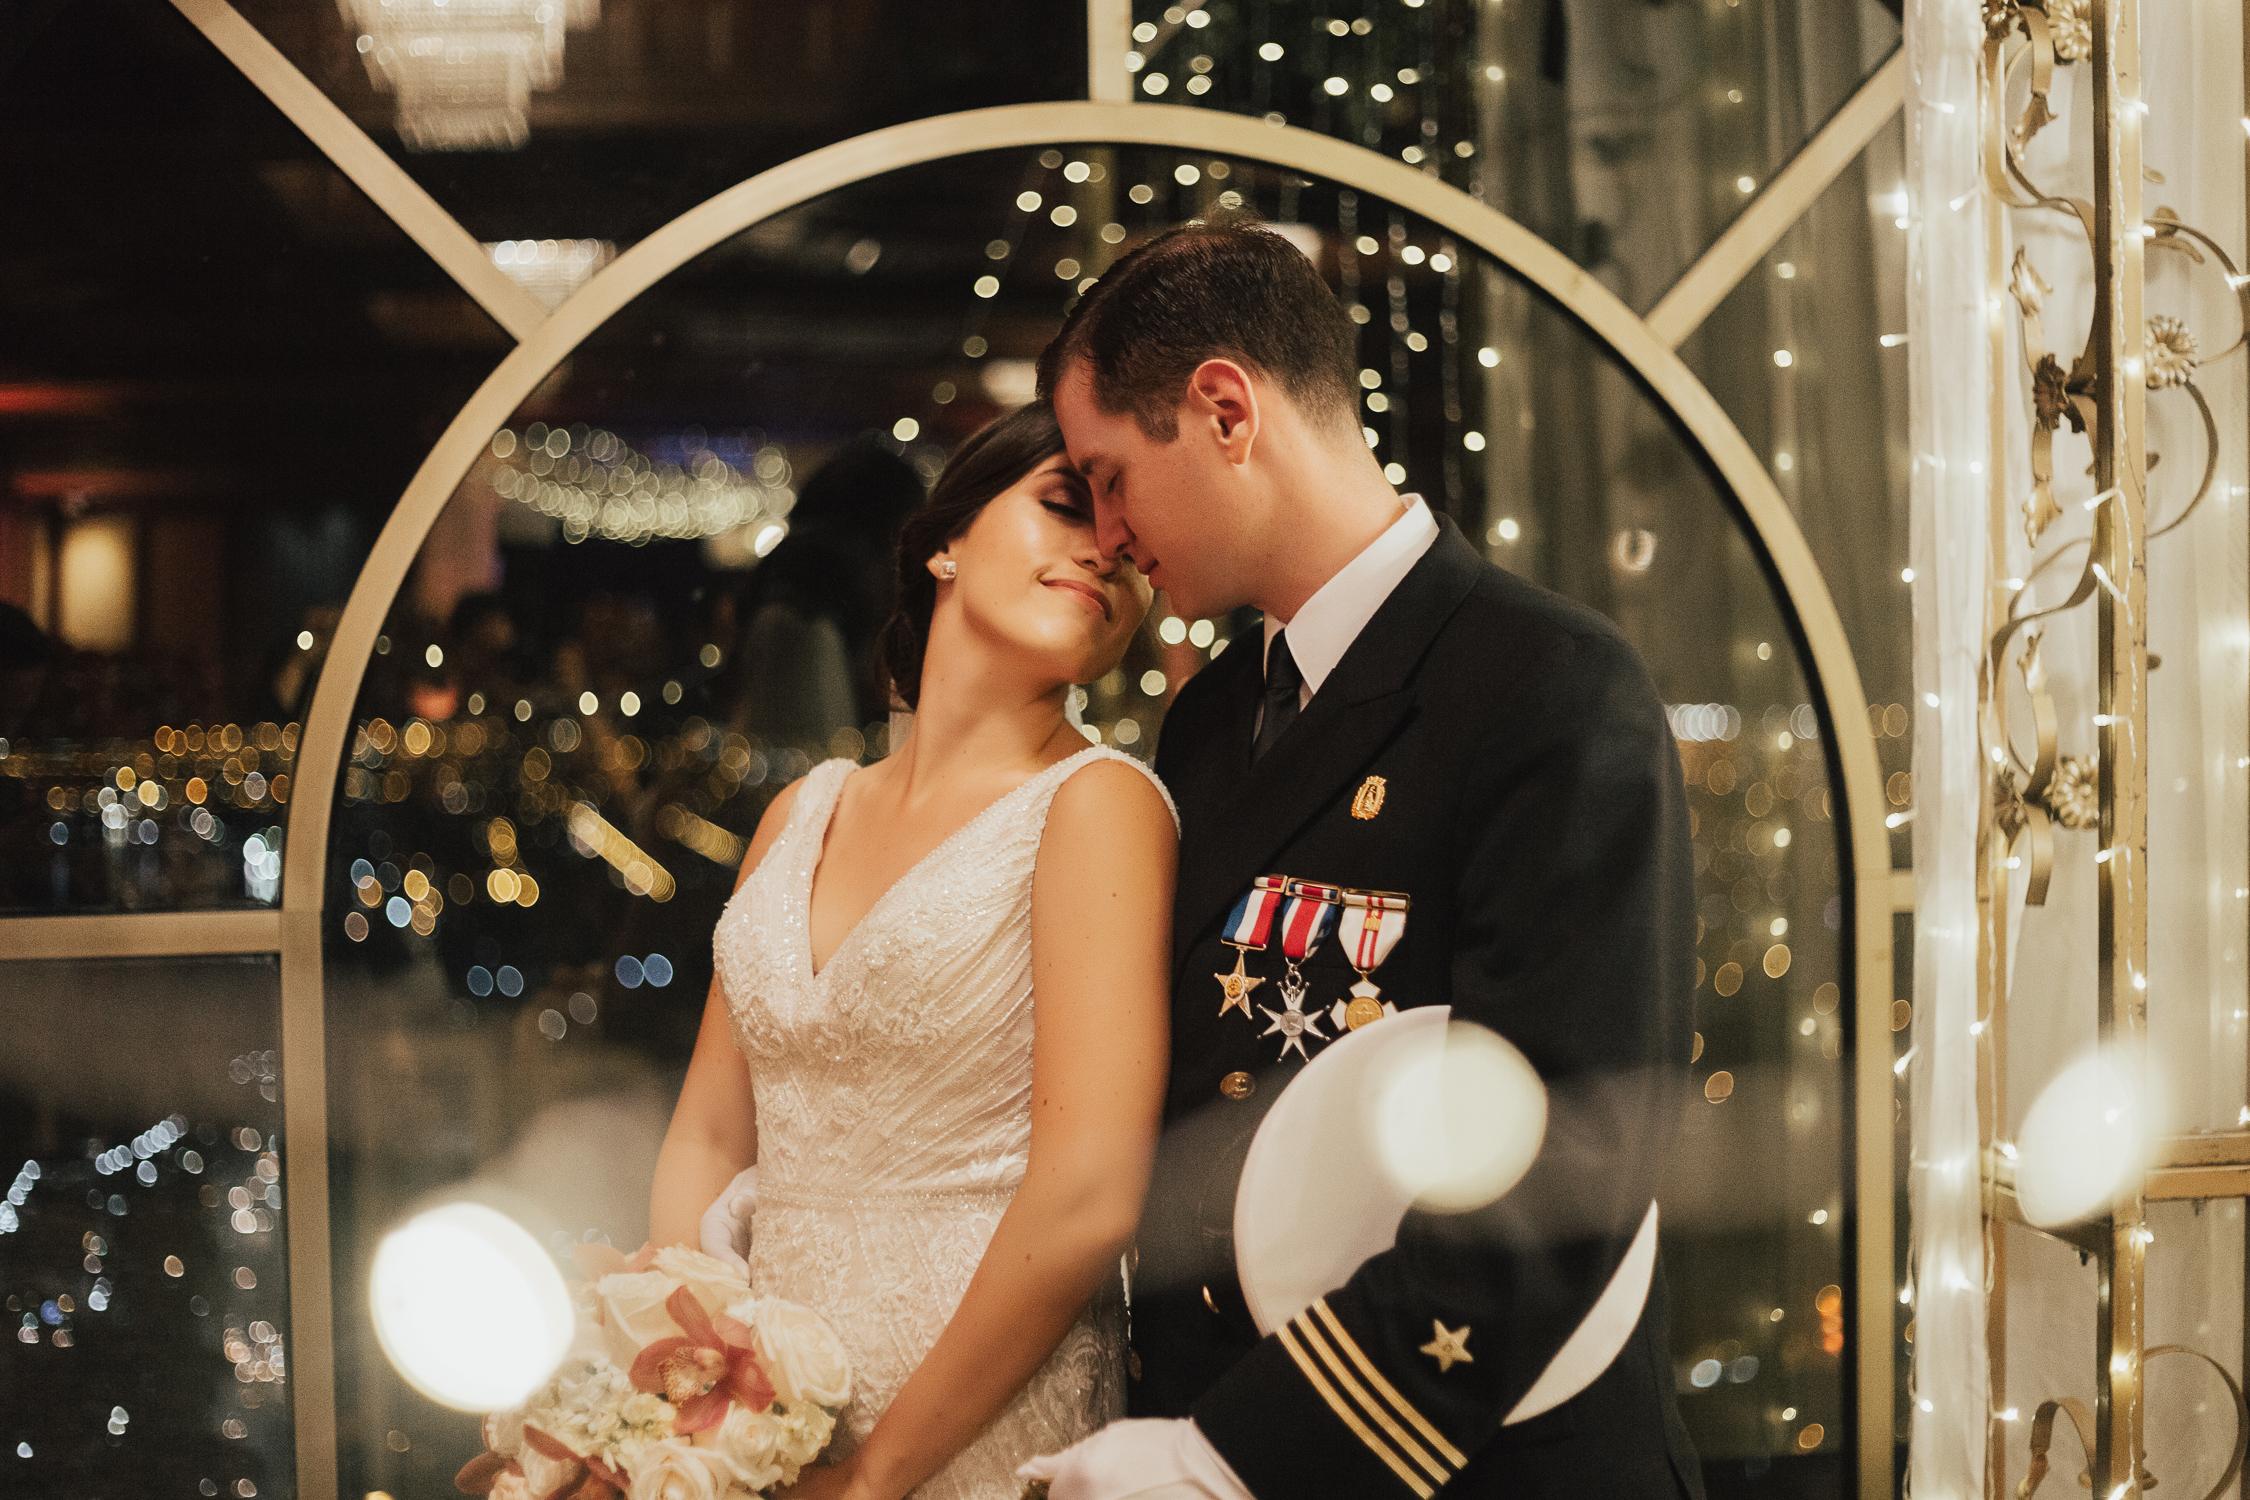 Michelle-Agurto-Fotografia-Bodas-Ecuador-Destination-Wedding-Photographer-Ecuador-Mercedes-Alvaro-129.JPG